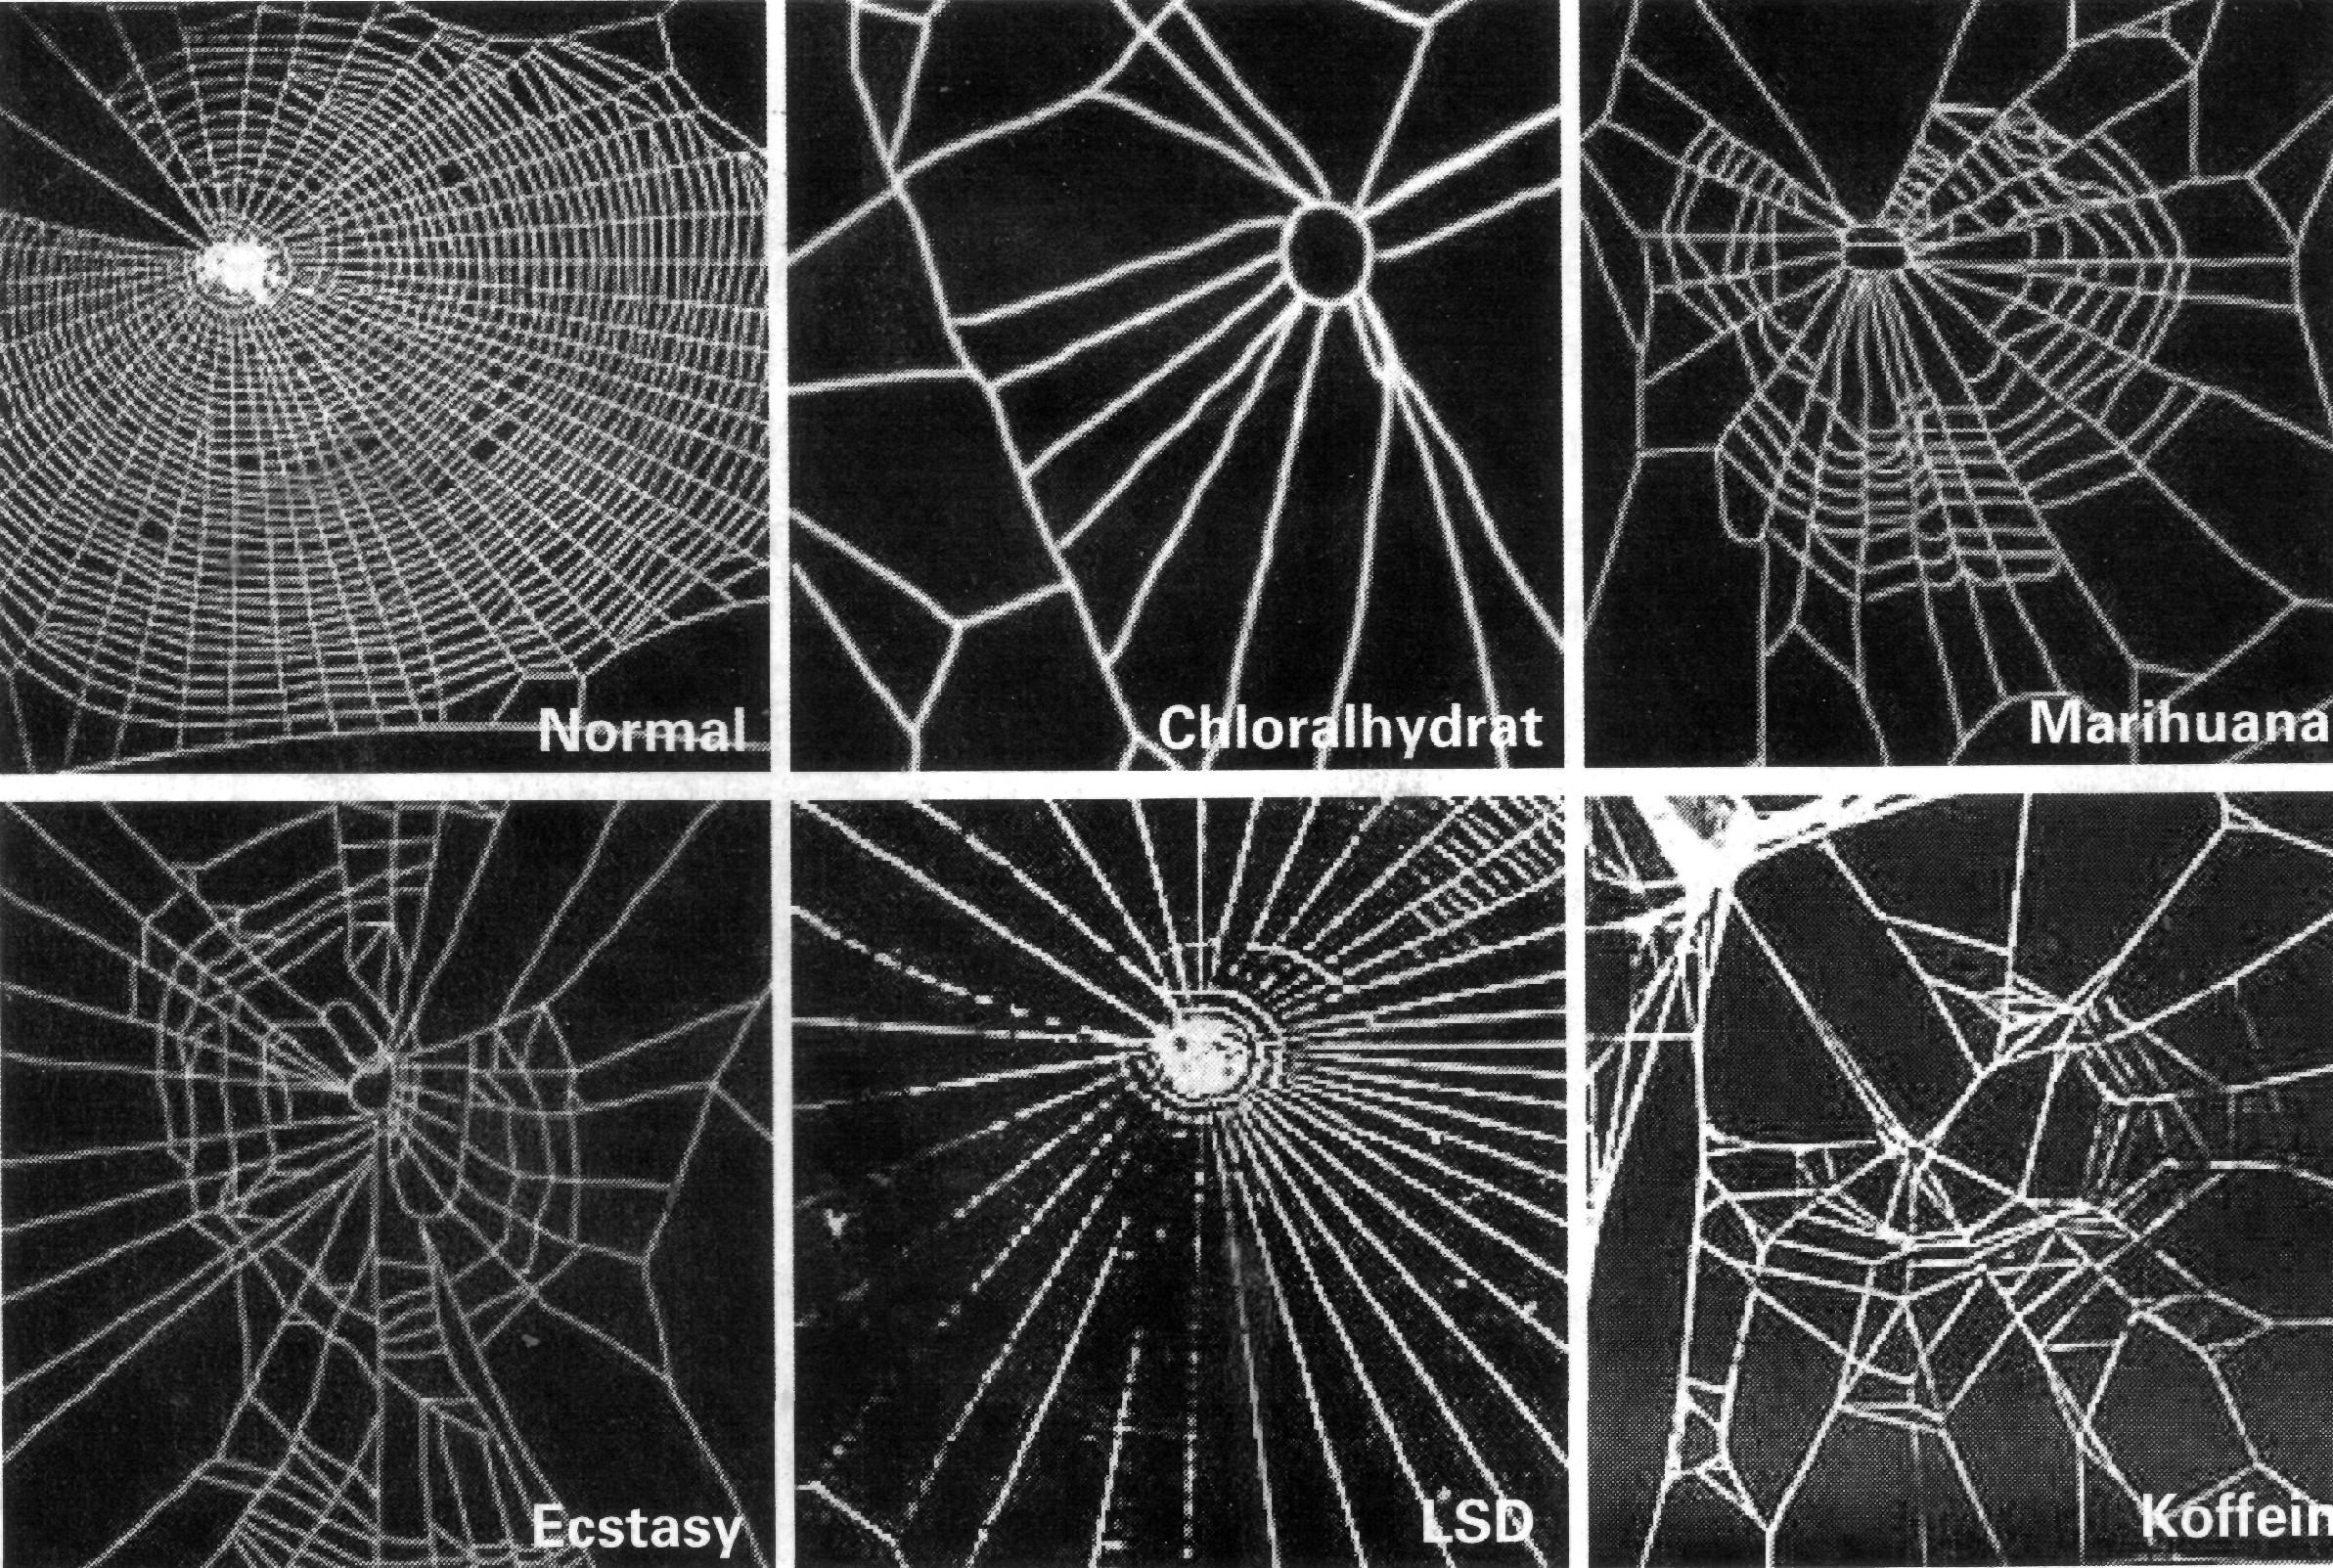 Efeito das drogas nas aranhas